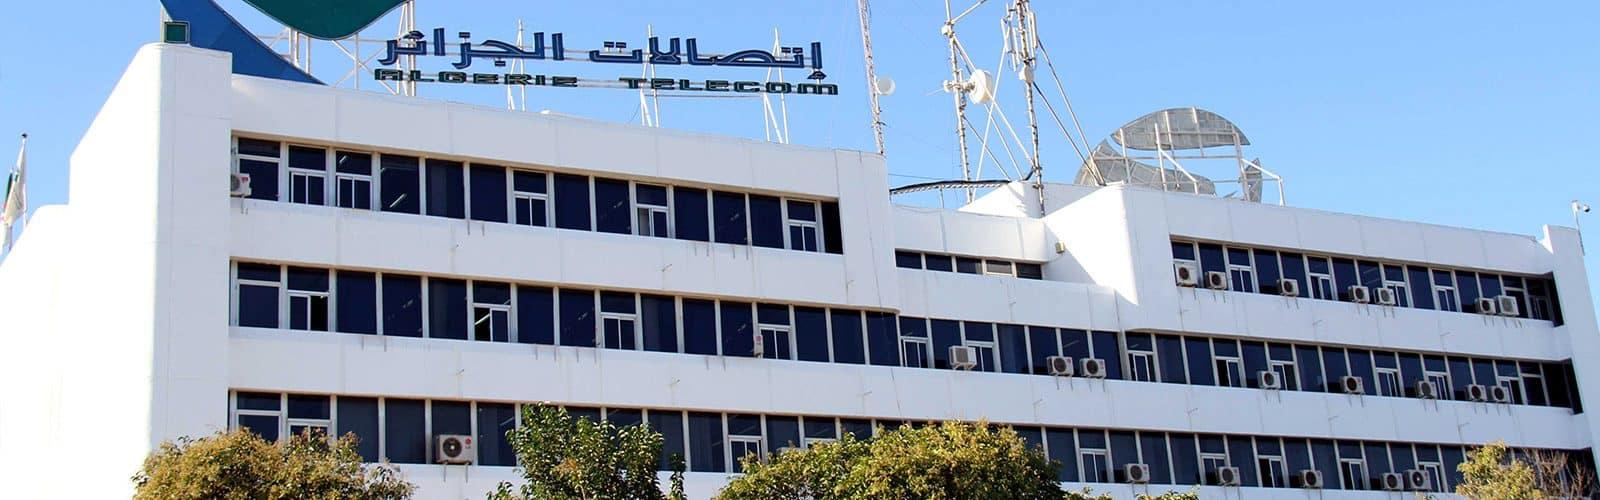 اتصالات الجزائر تعلن عن عرض جديد يتعلق بخدمة IDOOM Fibre